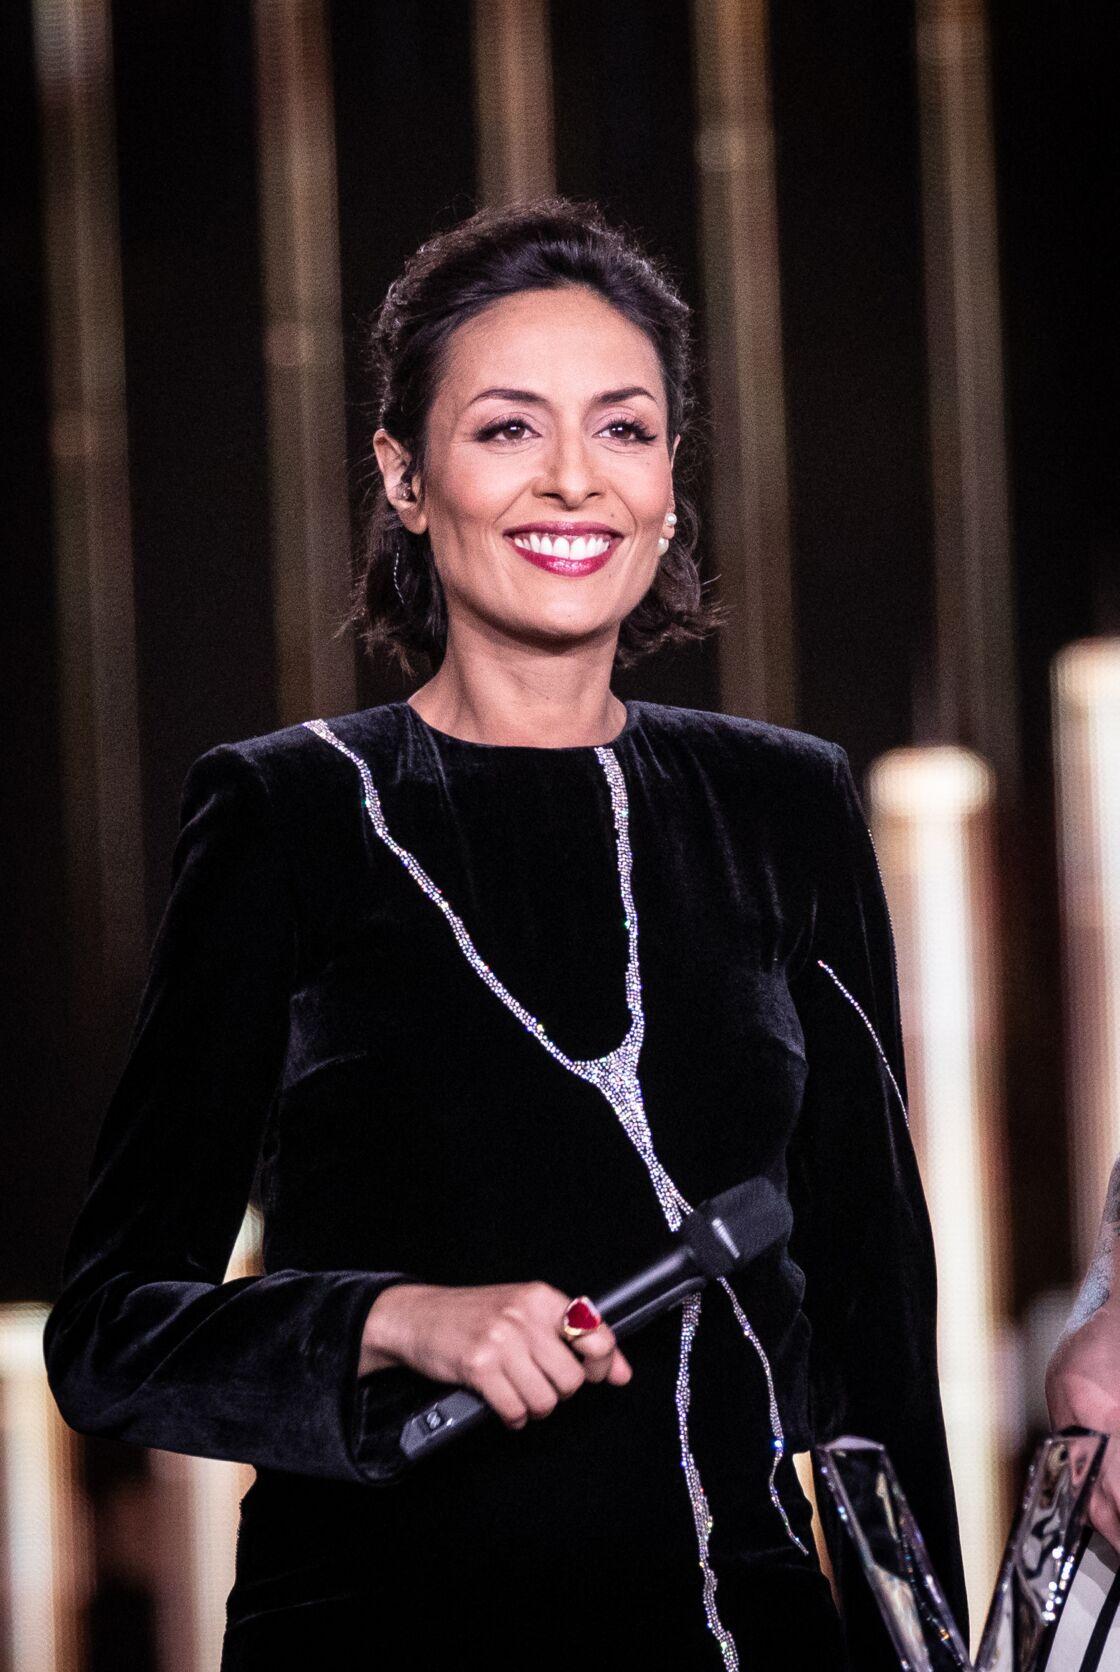 Leïla Kaddour-Boudadi (enceinte de son premier enfant) lors de la 35ème cérémonie des Victoires de la musique à la Seine musicale de Boulogne-Billancourt, le 14 février 2020.